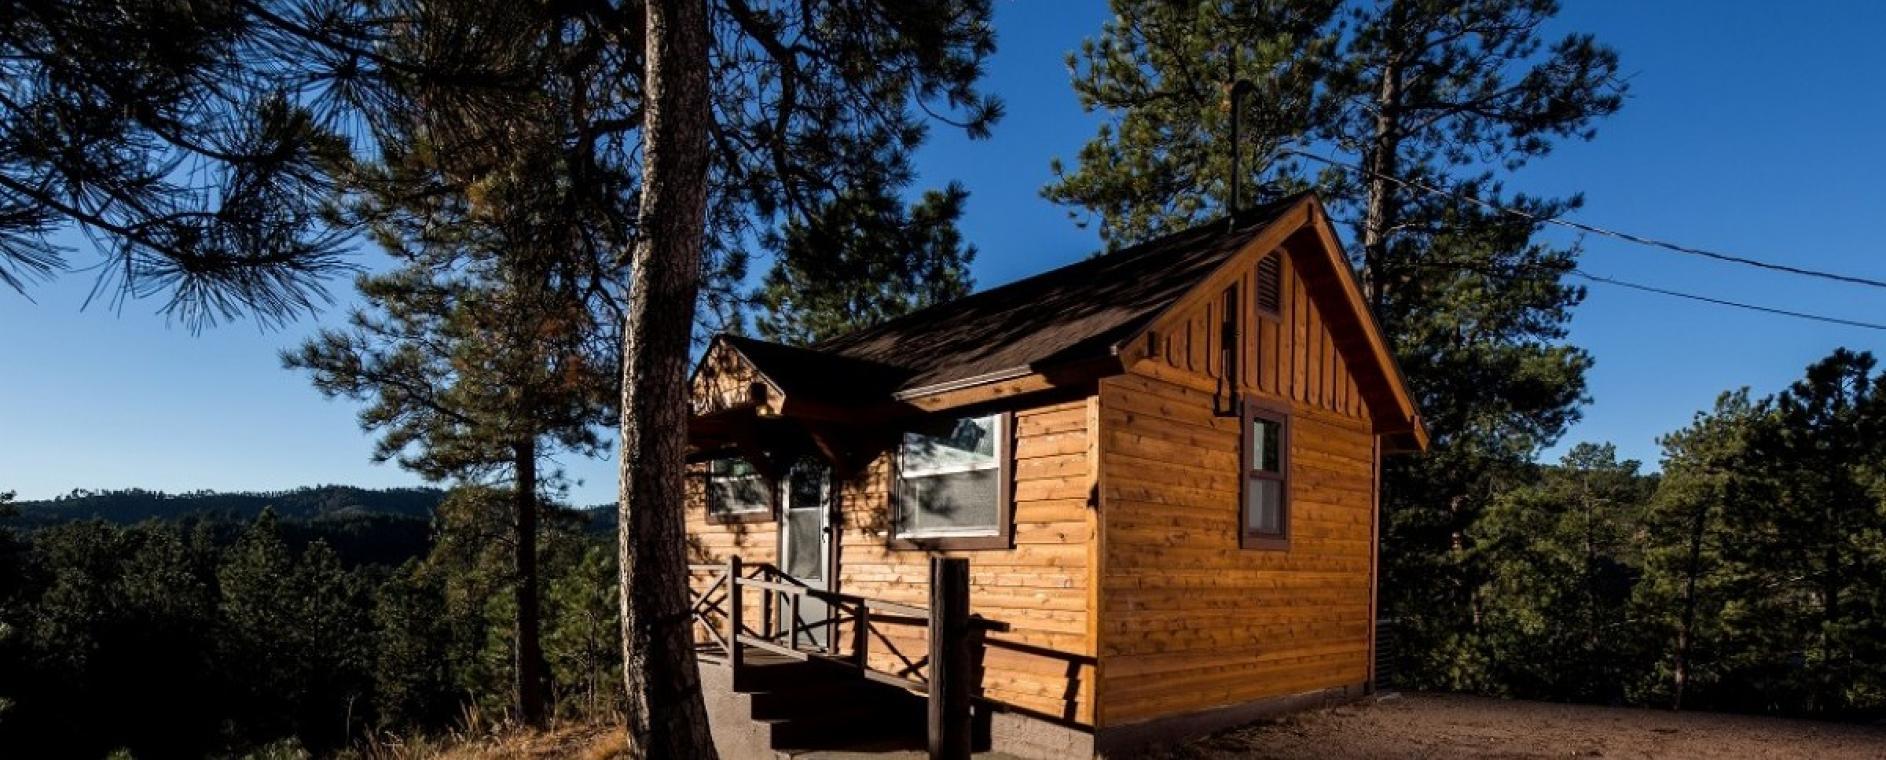 Legion Lake Lodge at Custer State Park Resort.